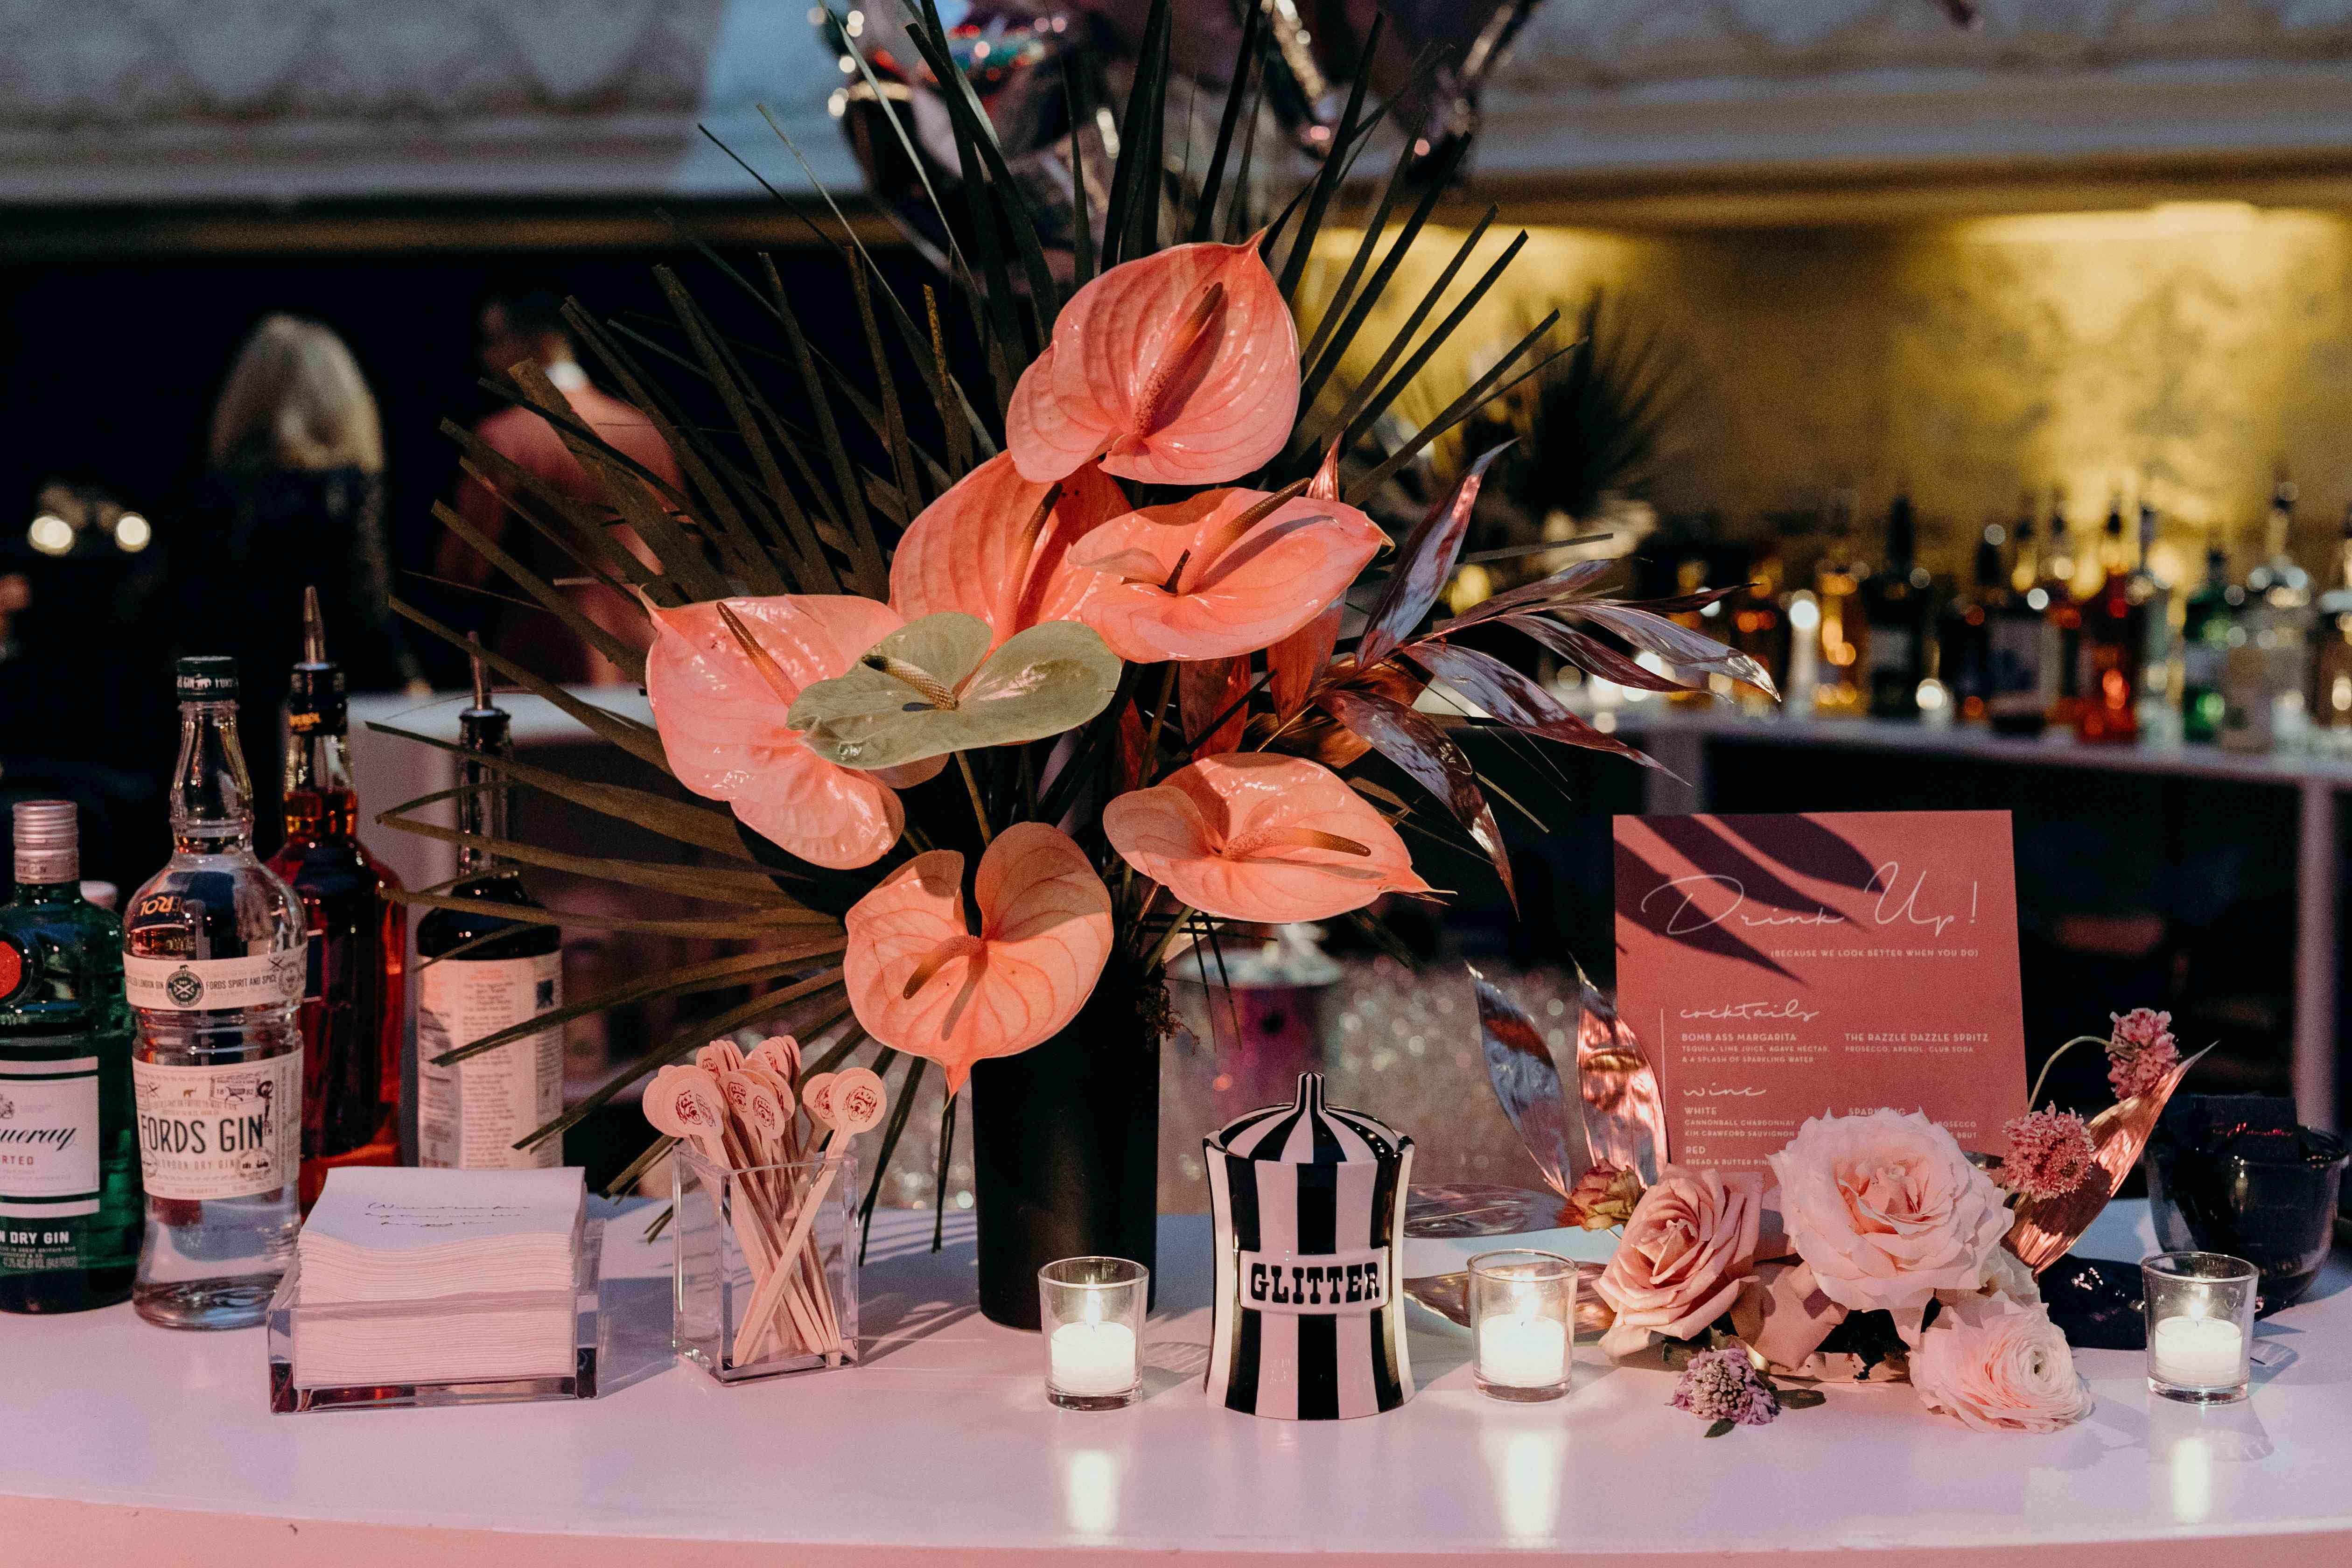 custom drink set up with floral arrangement